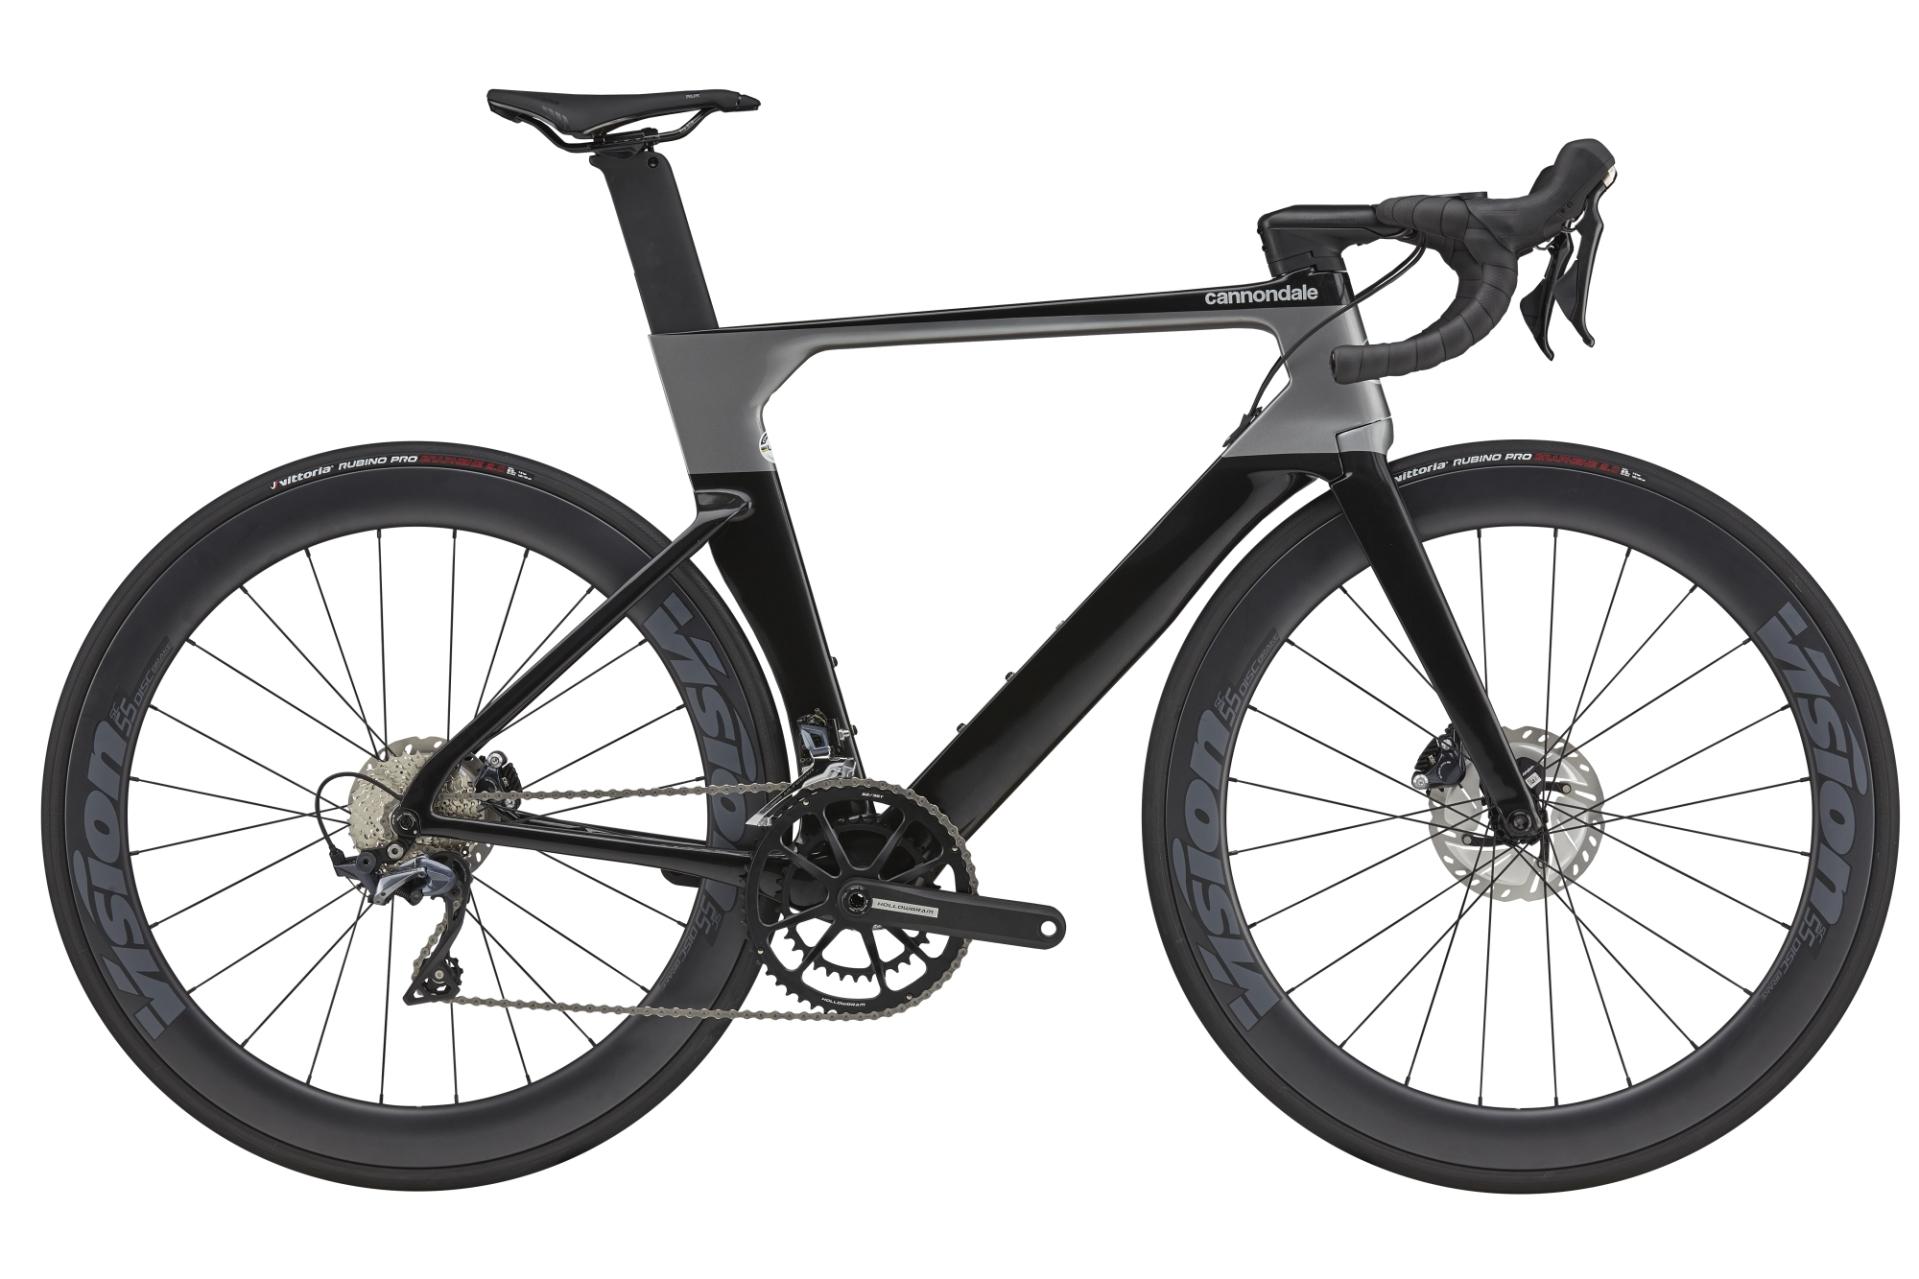 Cannondale SystemSix Carbon Ultegra országúti kerékpár - fekete - 51 cm (2021)